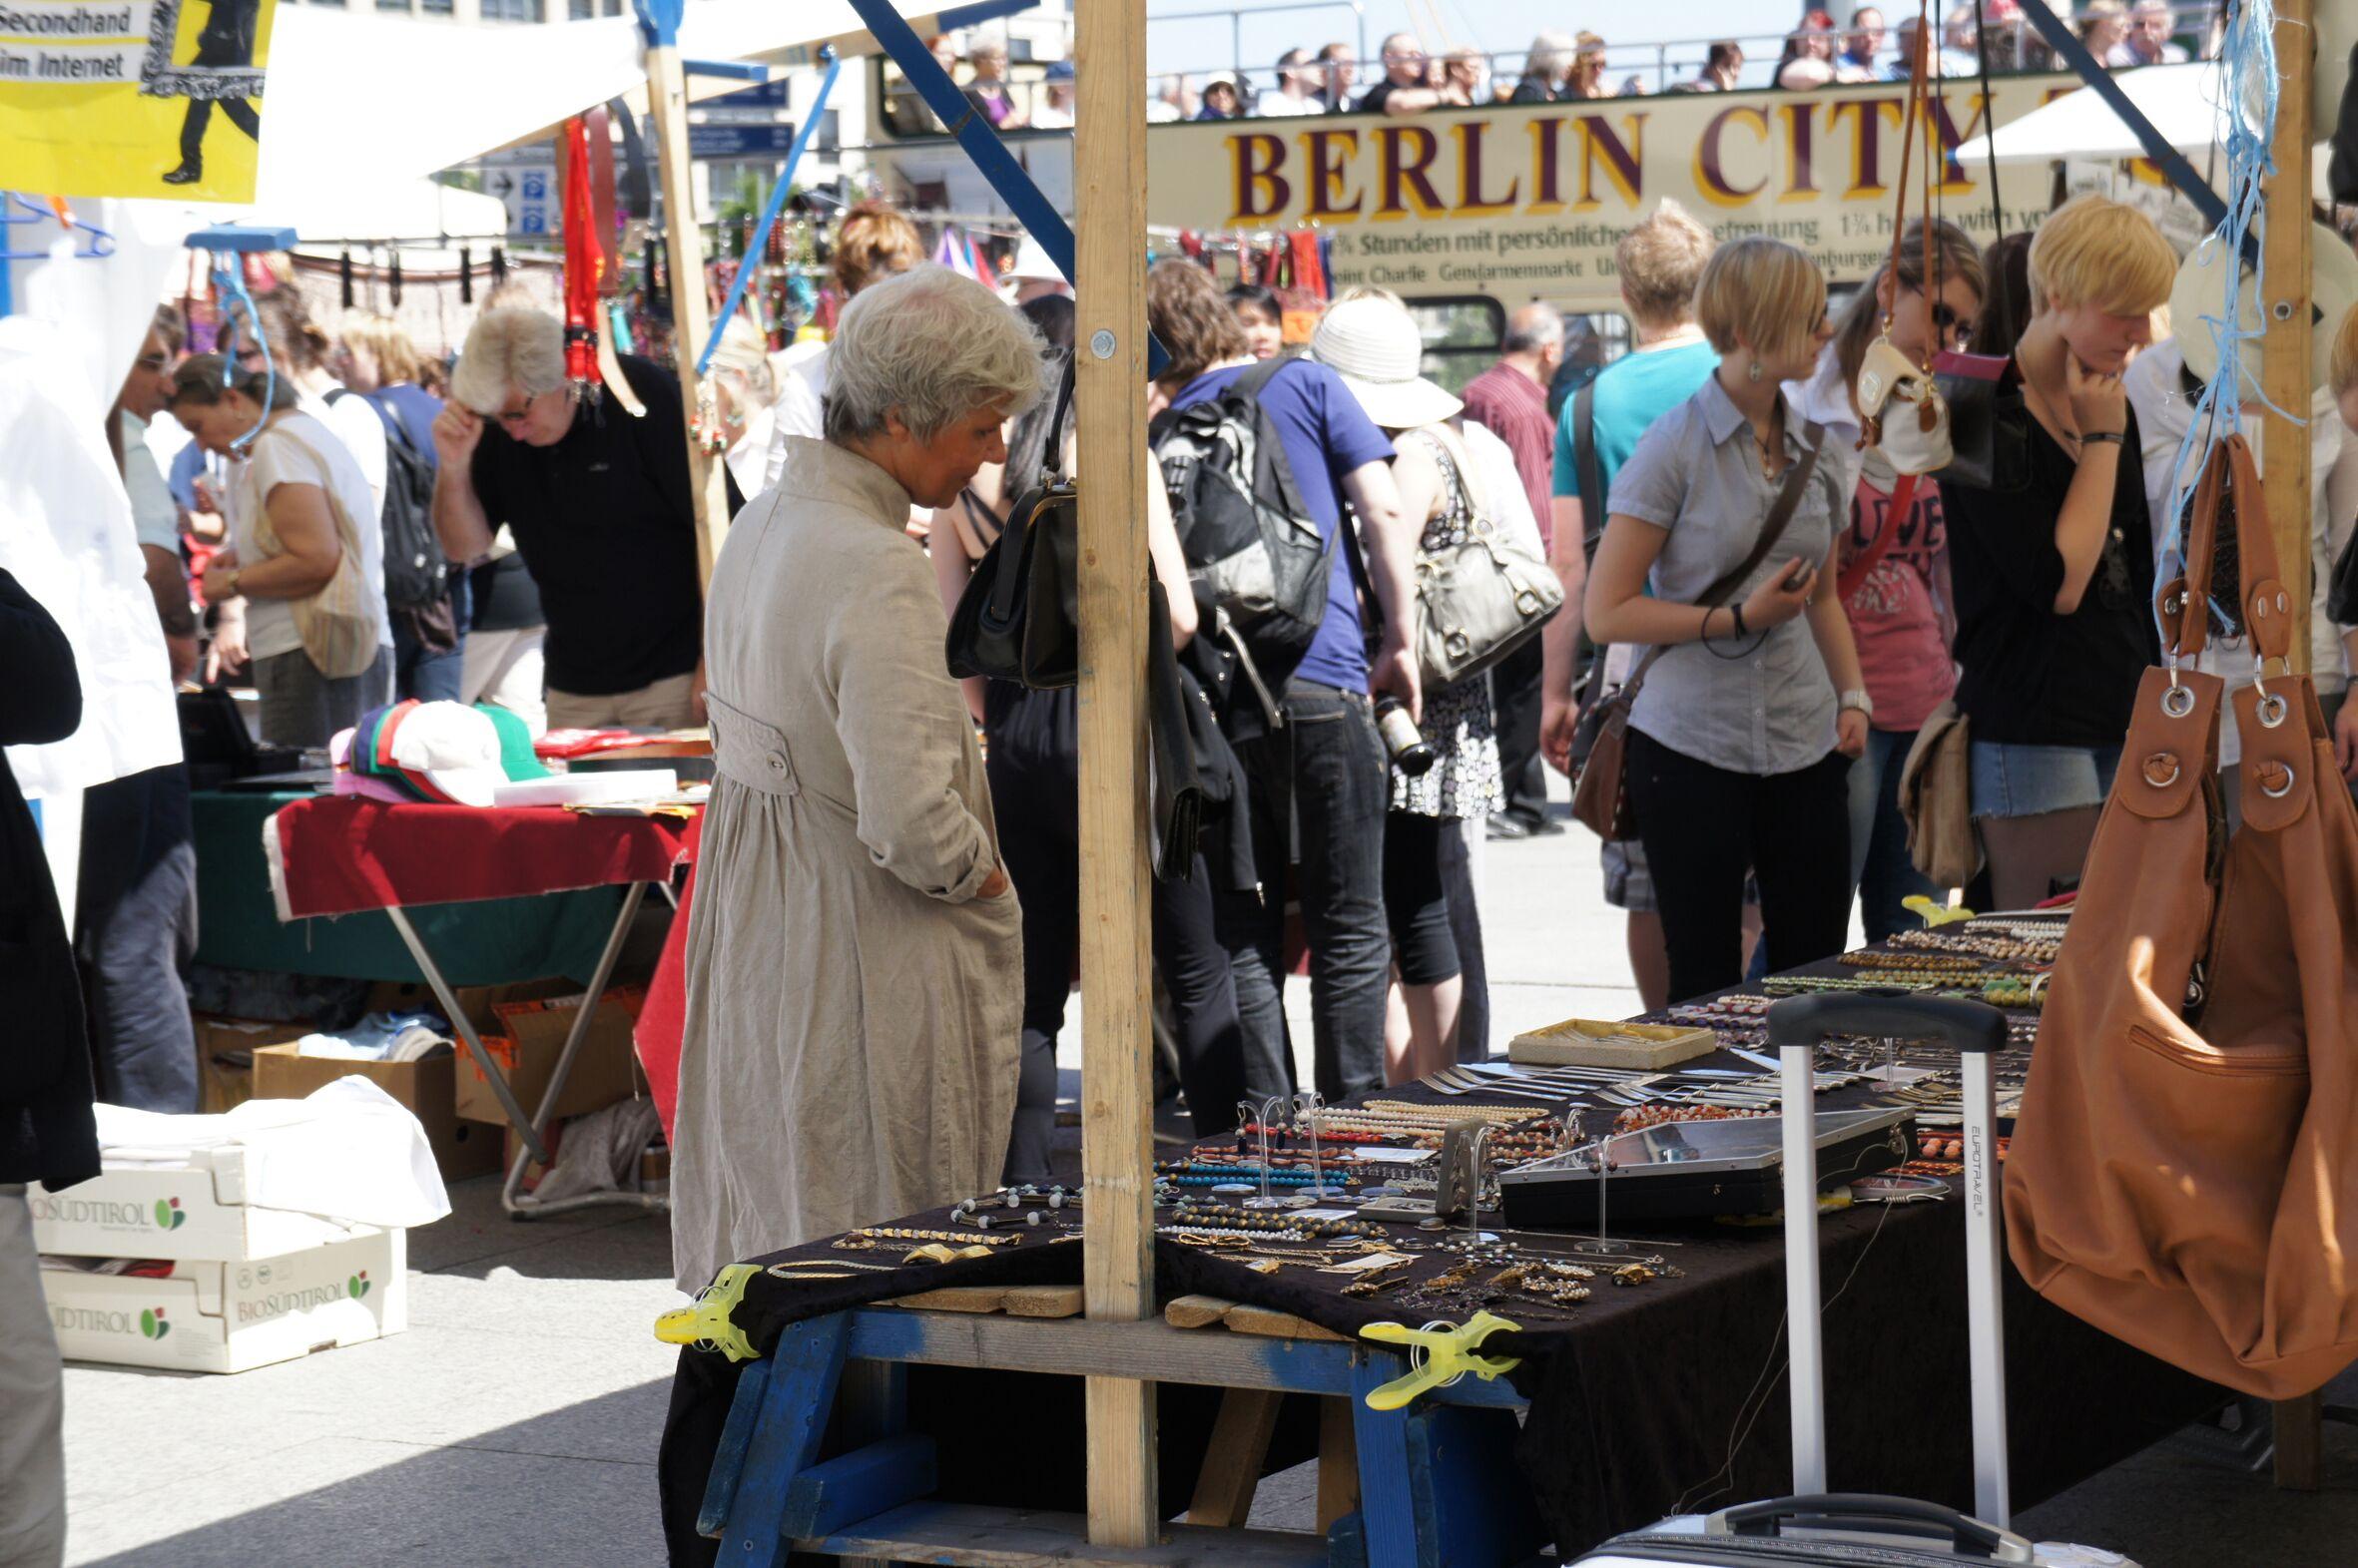 Antikes am Potsdamer Platz